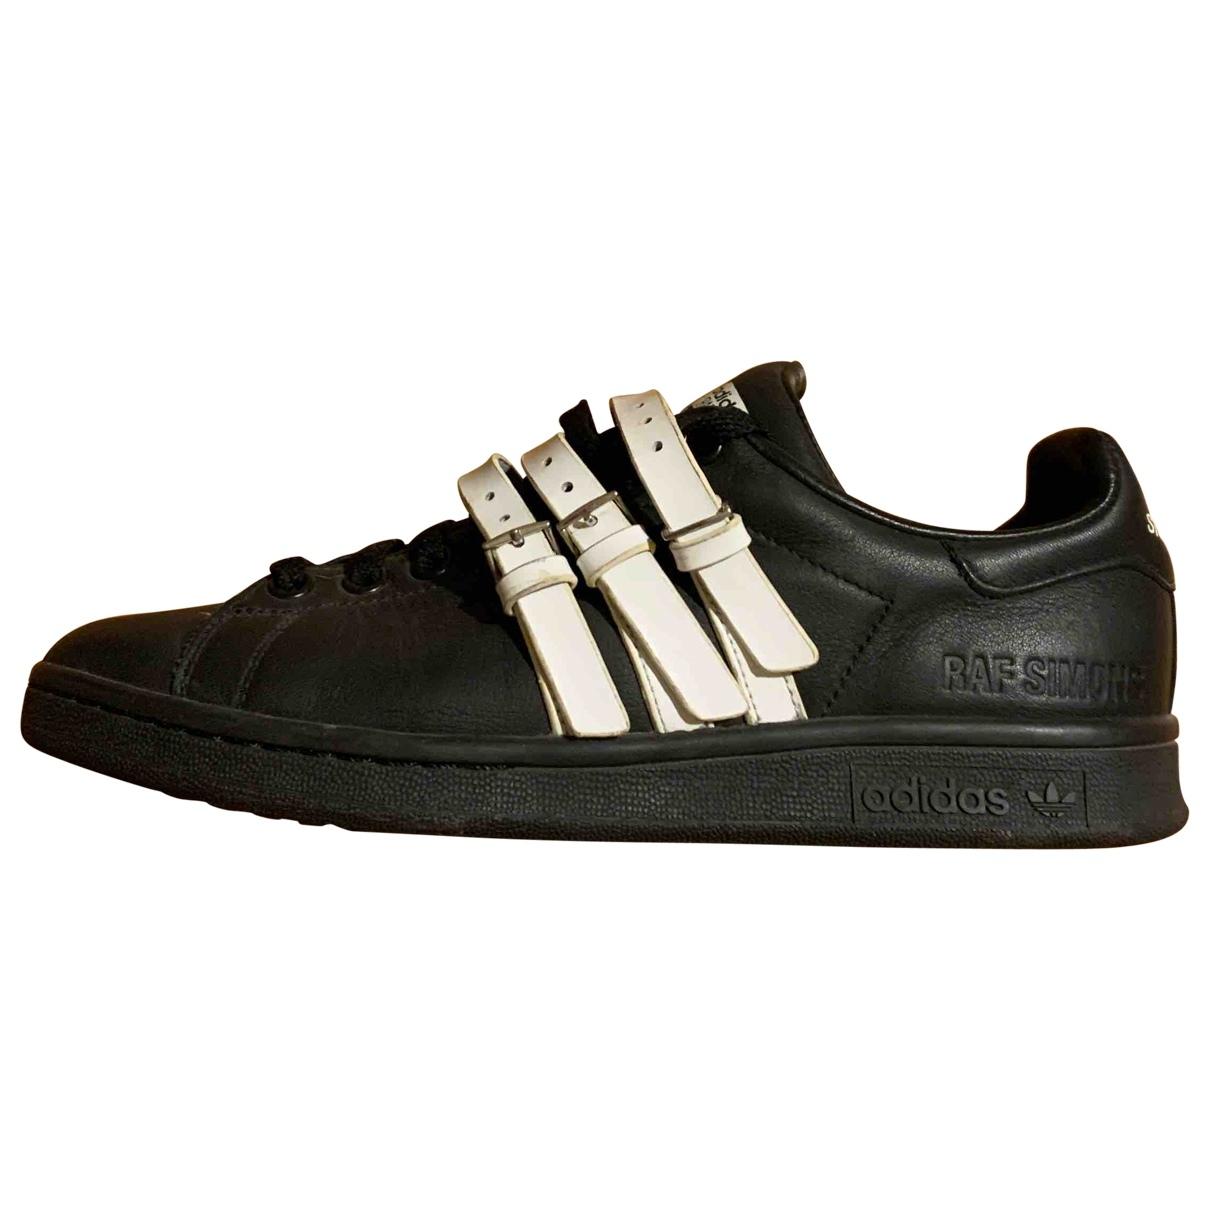 Adidas X Raf Simons - Baskets Stan Smith pour femme en cuir - noir